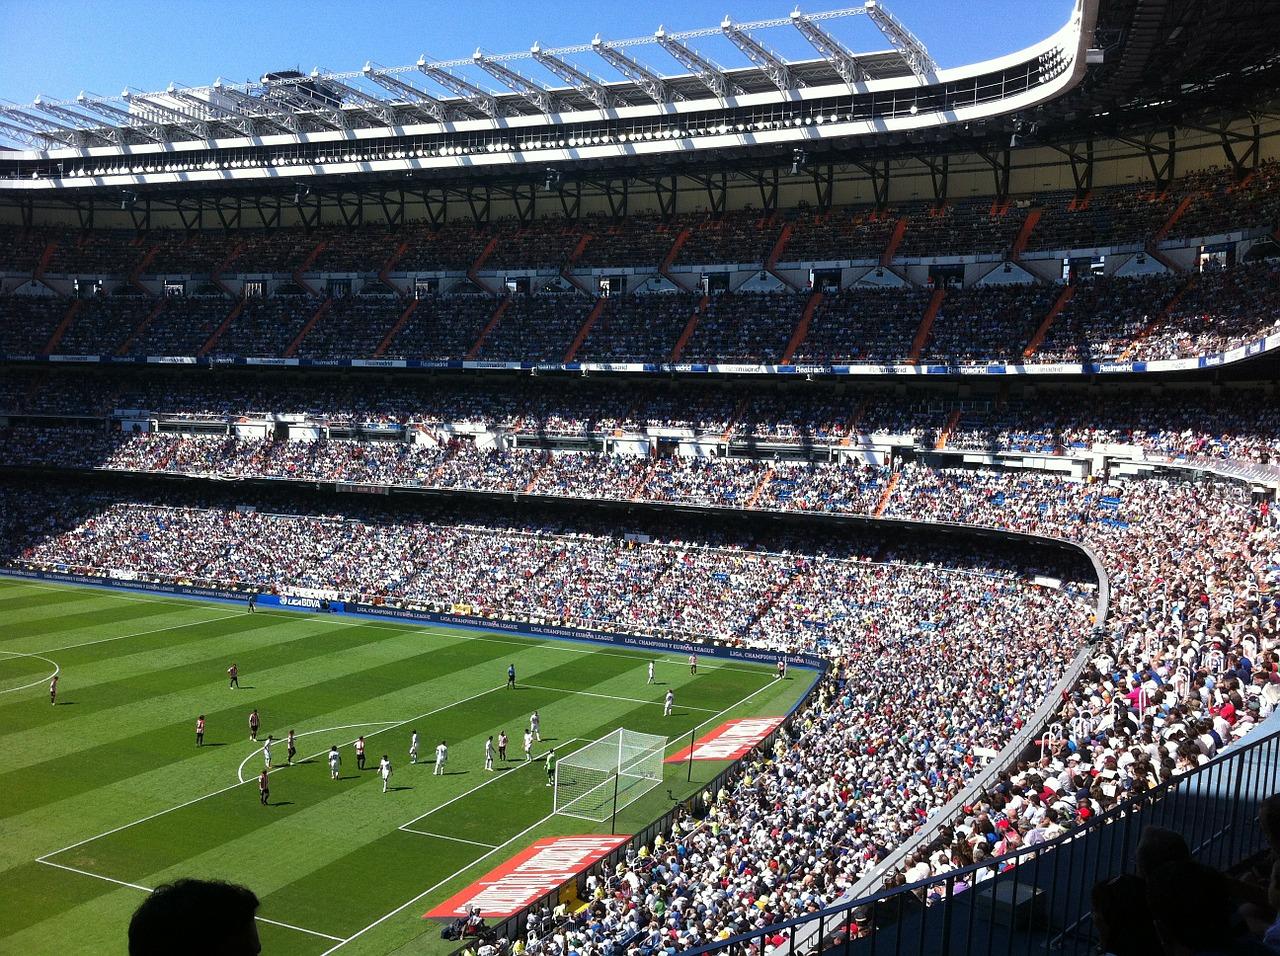 La Liga Real Madrid - alle Tickets findest du günstig hier ab 104,00€